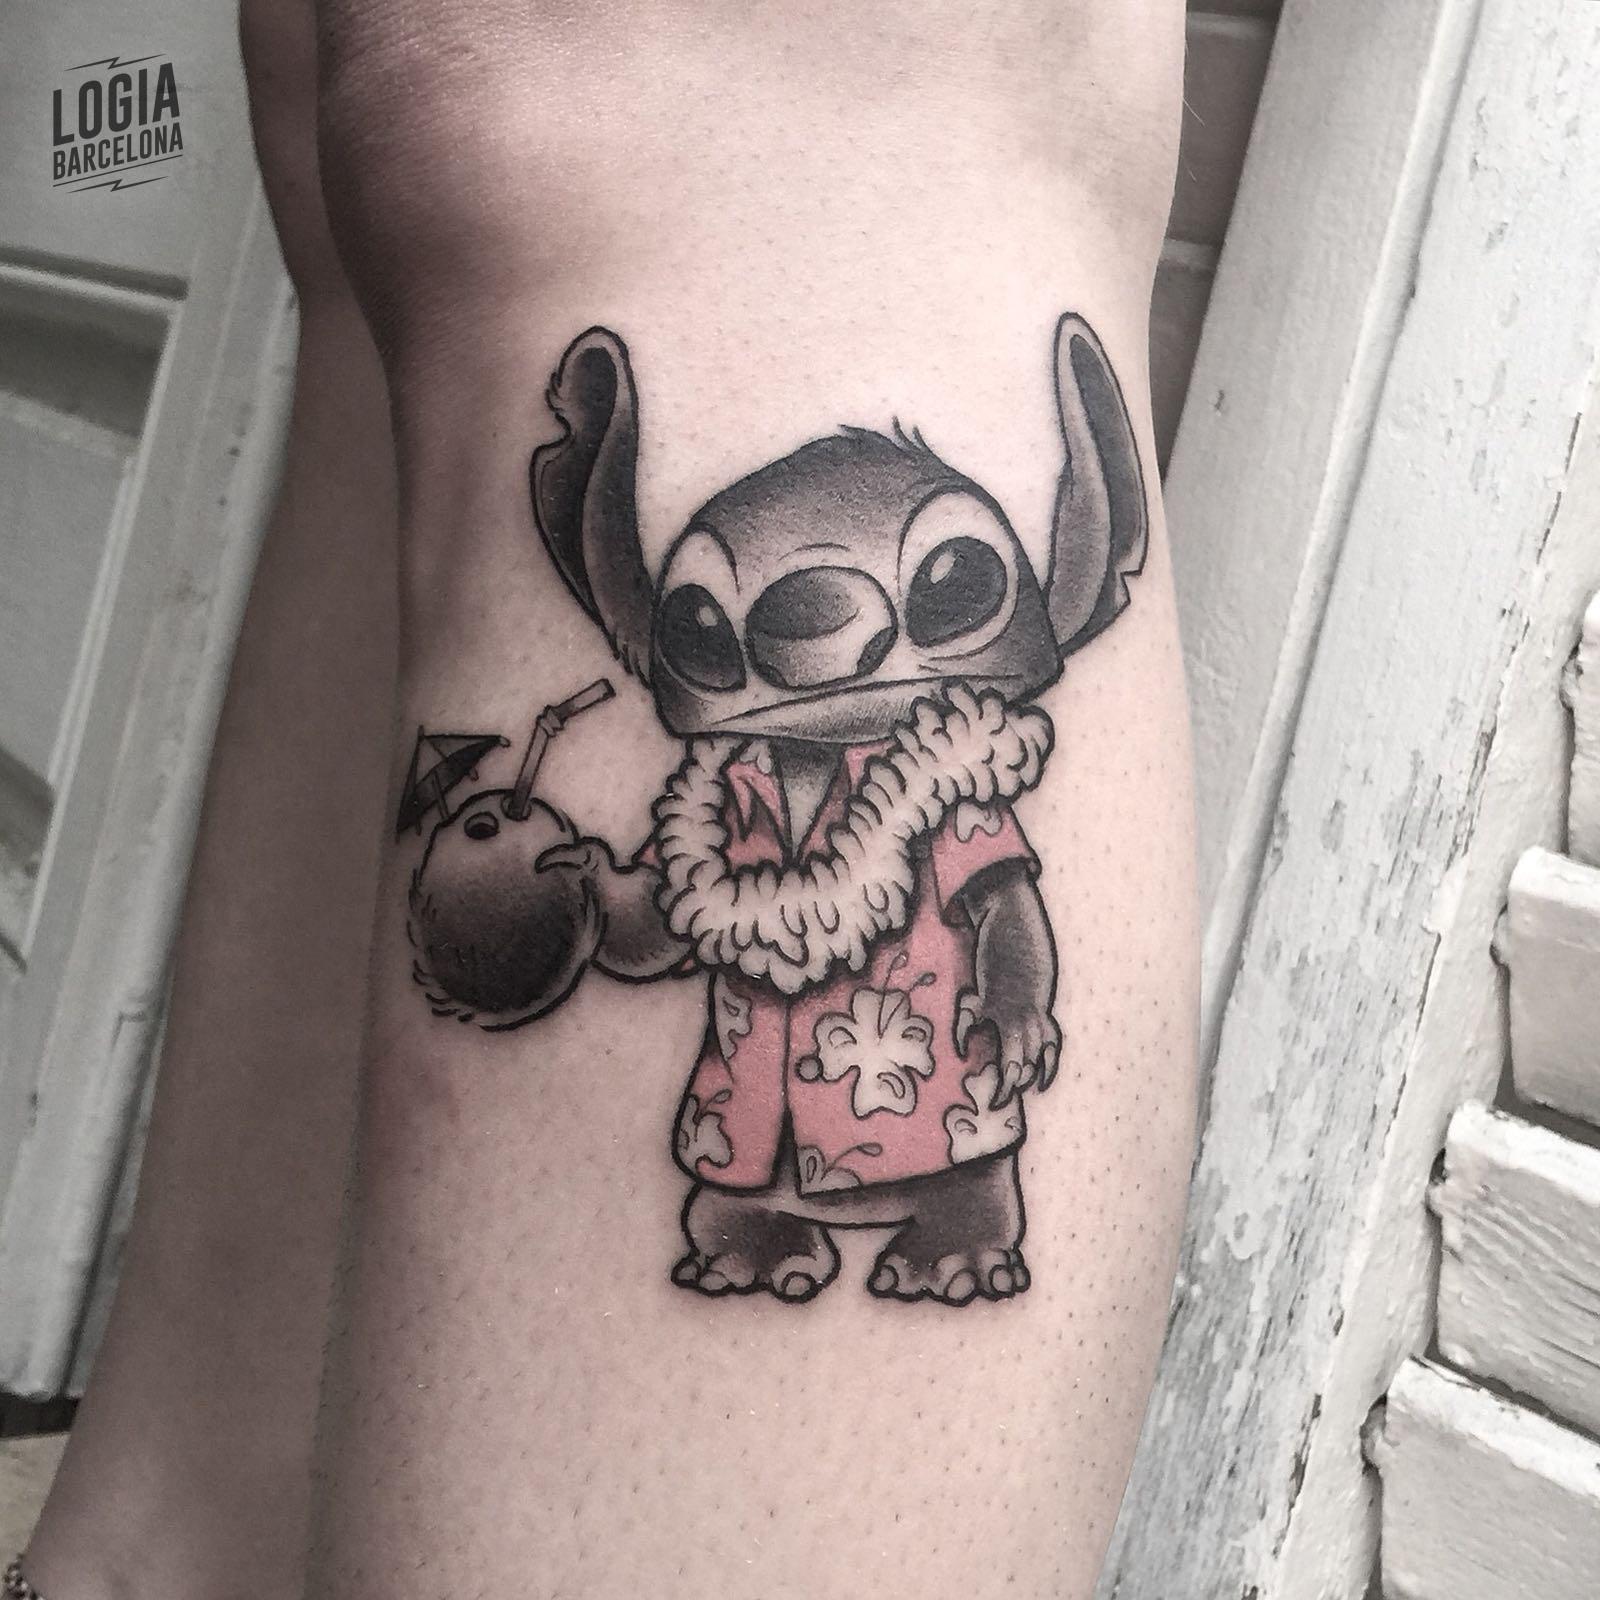 Tatuaje Stitch Hawaiano Victor Dalmau Logia Barcelona